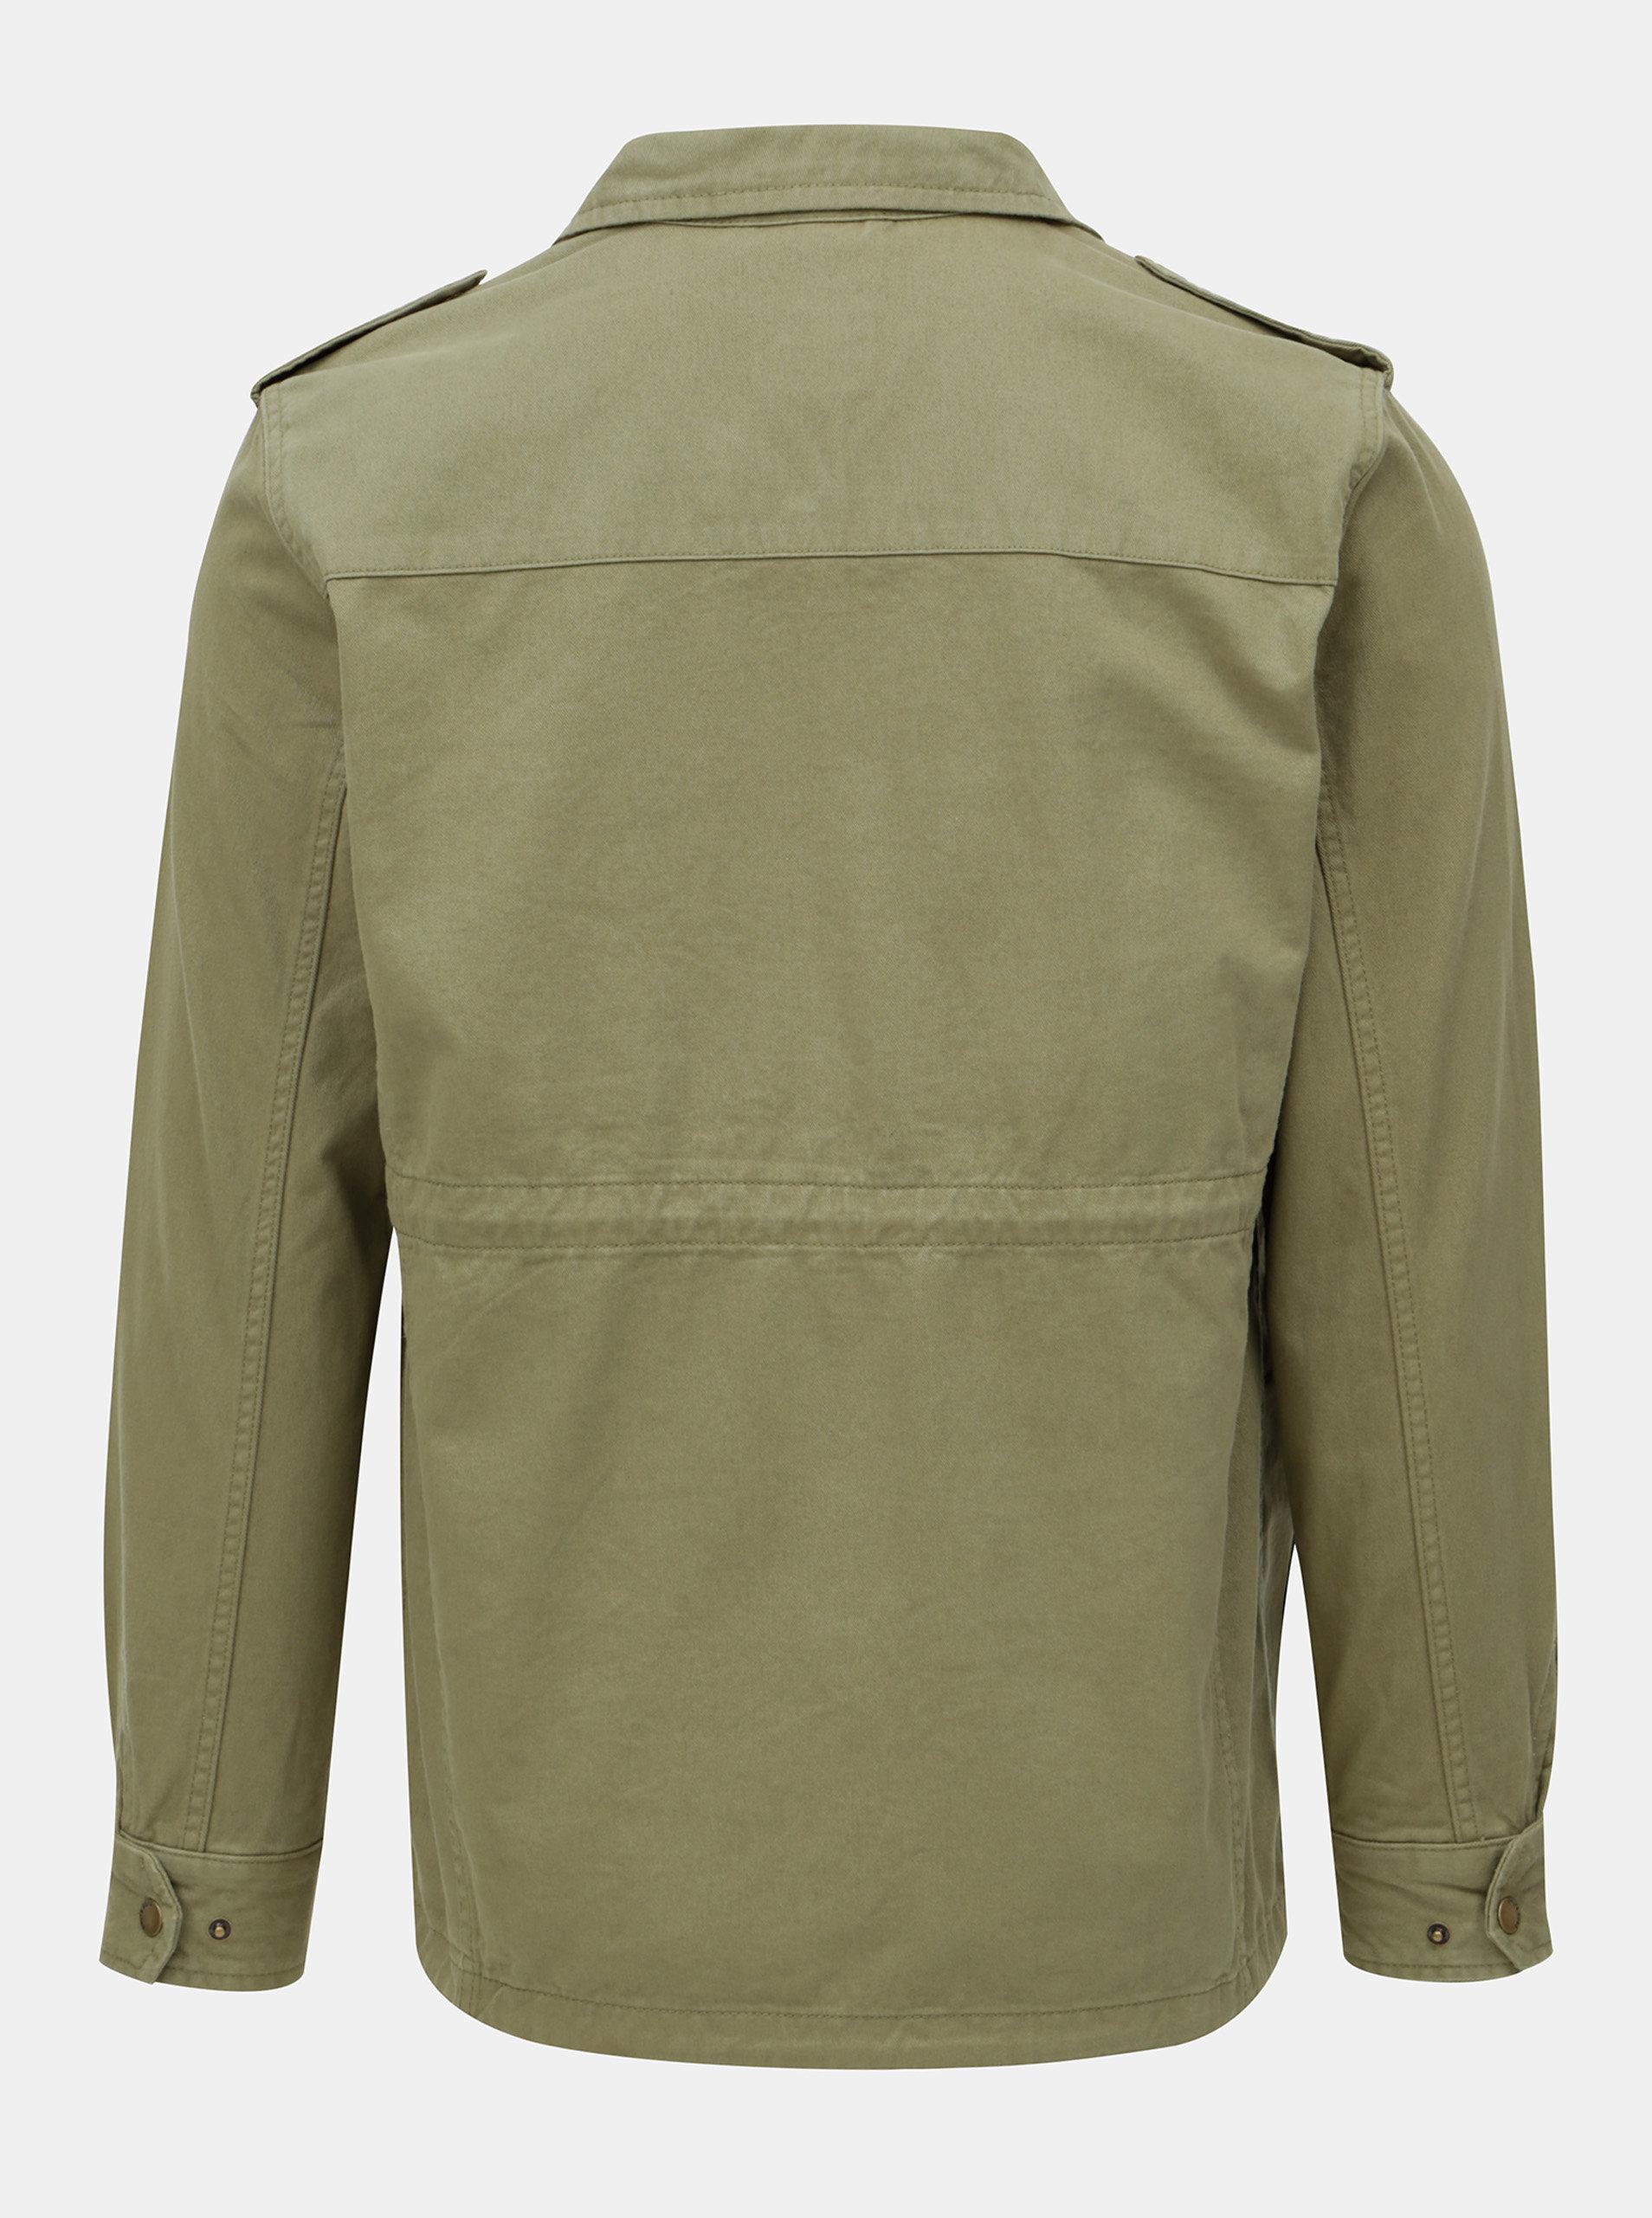 6efb2a1c4e5 Khaki bunda s kapsami ONLY   SONS Adler ...